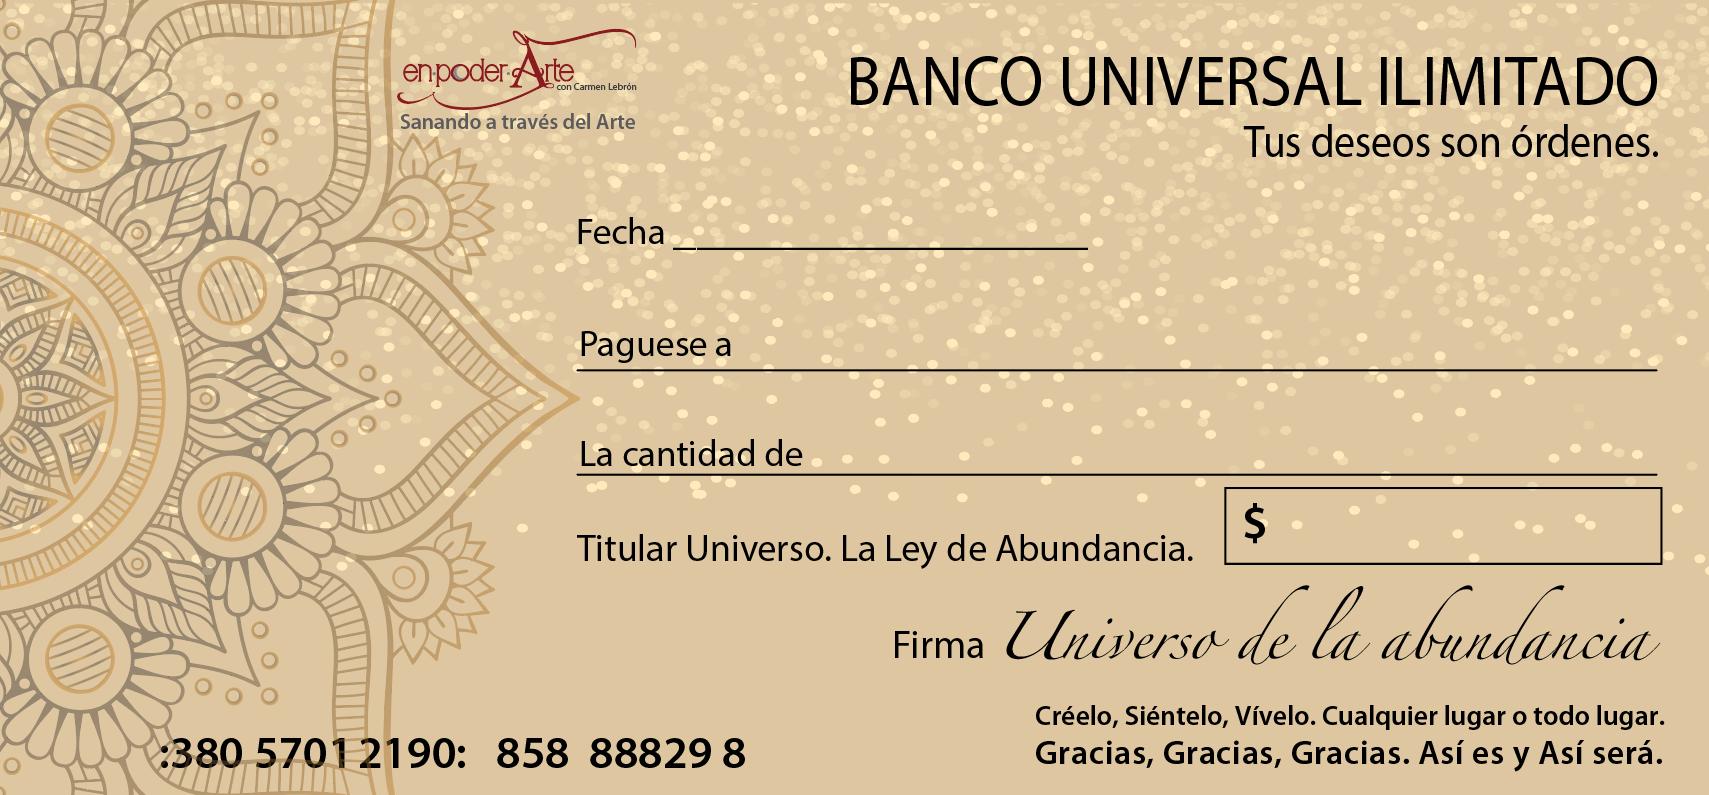 Cheque De La Abundancia Frases De Abundancia Abundancia Frase De Frida Kahlo